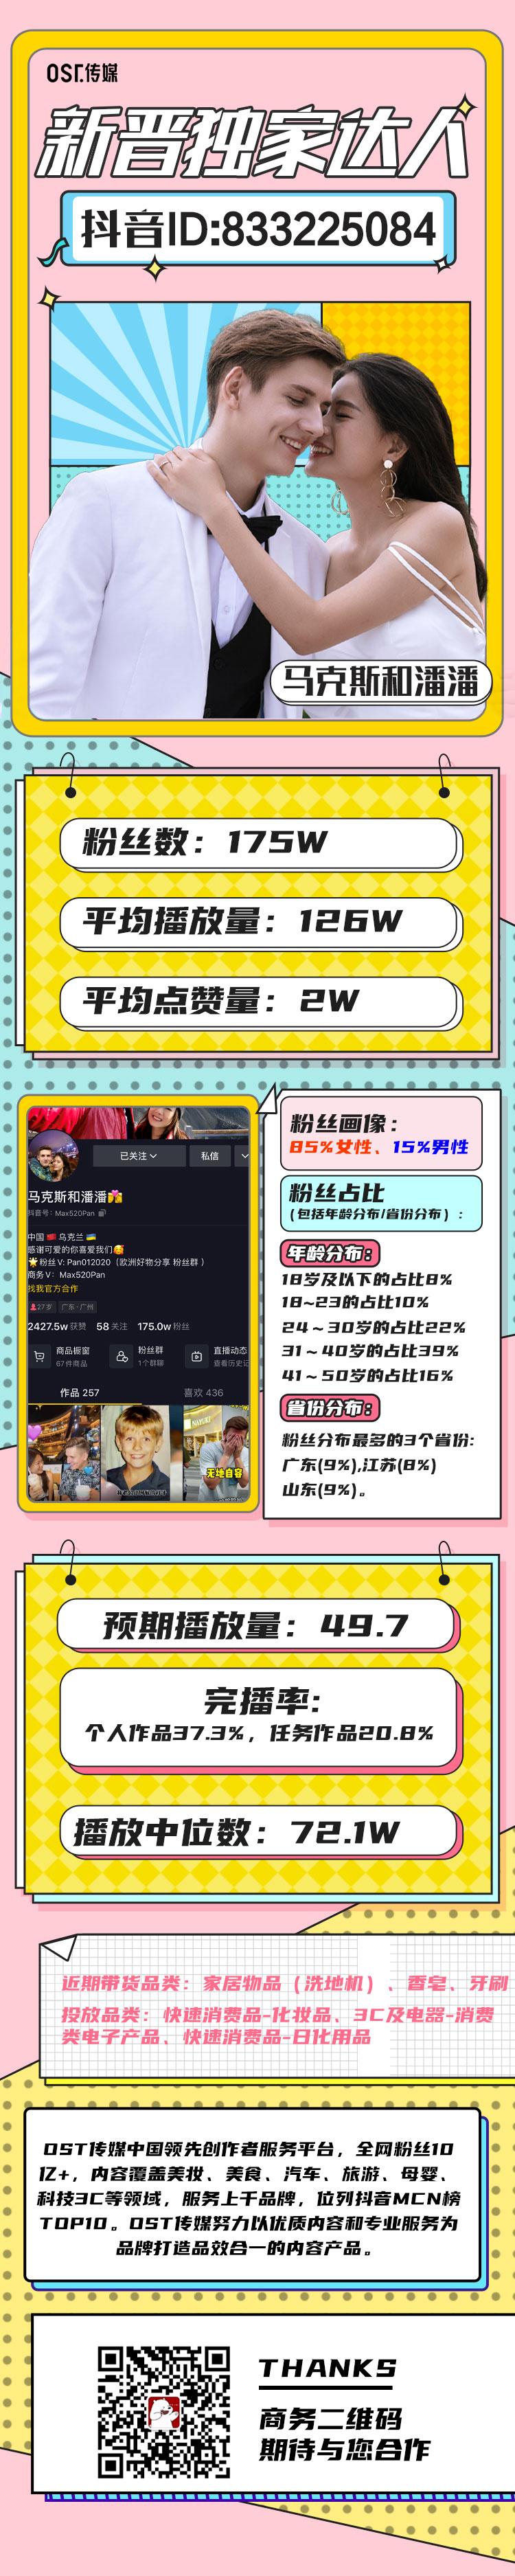 新晋达人|OST传媒新晋独家达人马斯克和溜溜!第1张